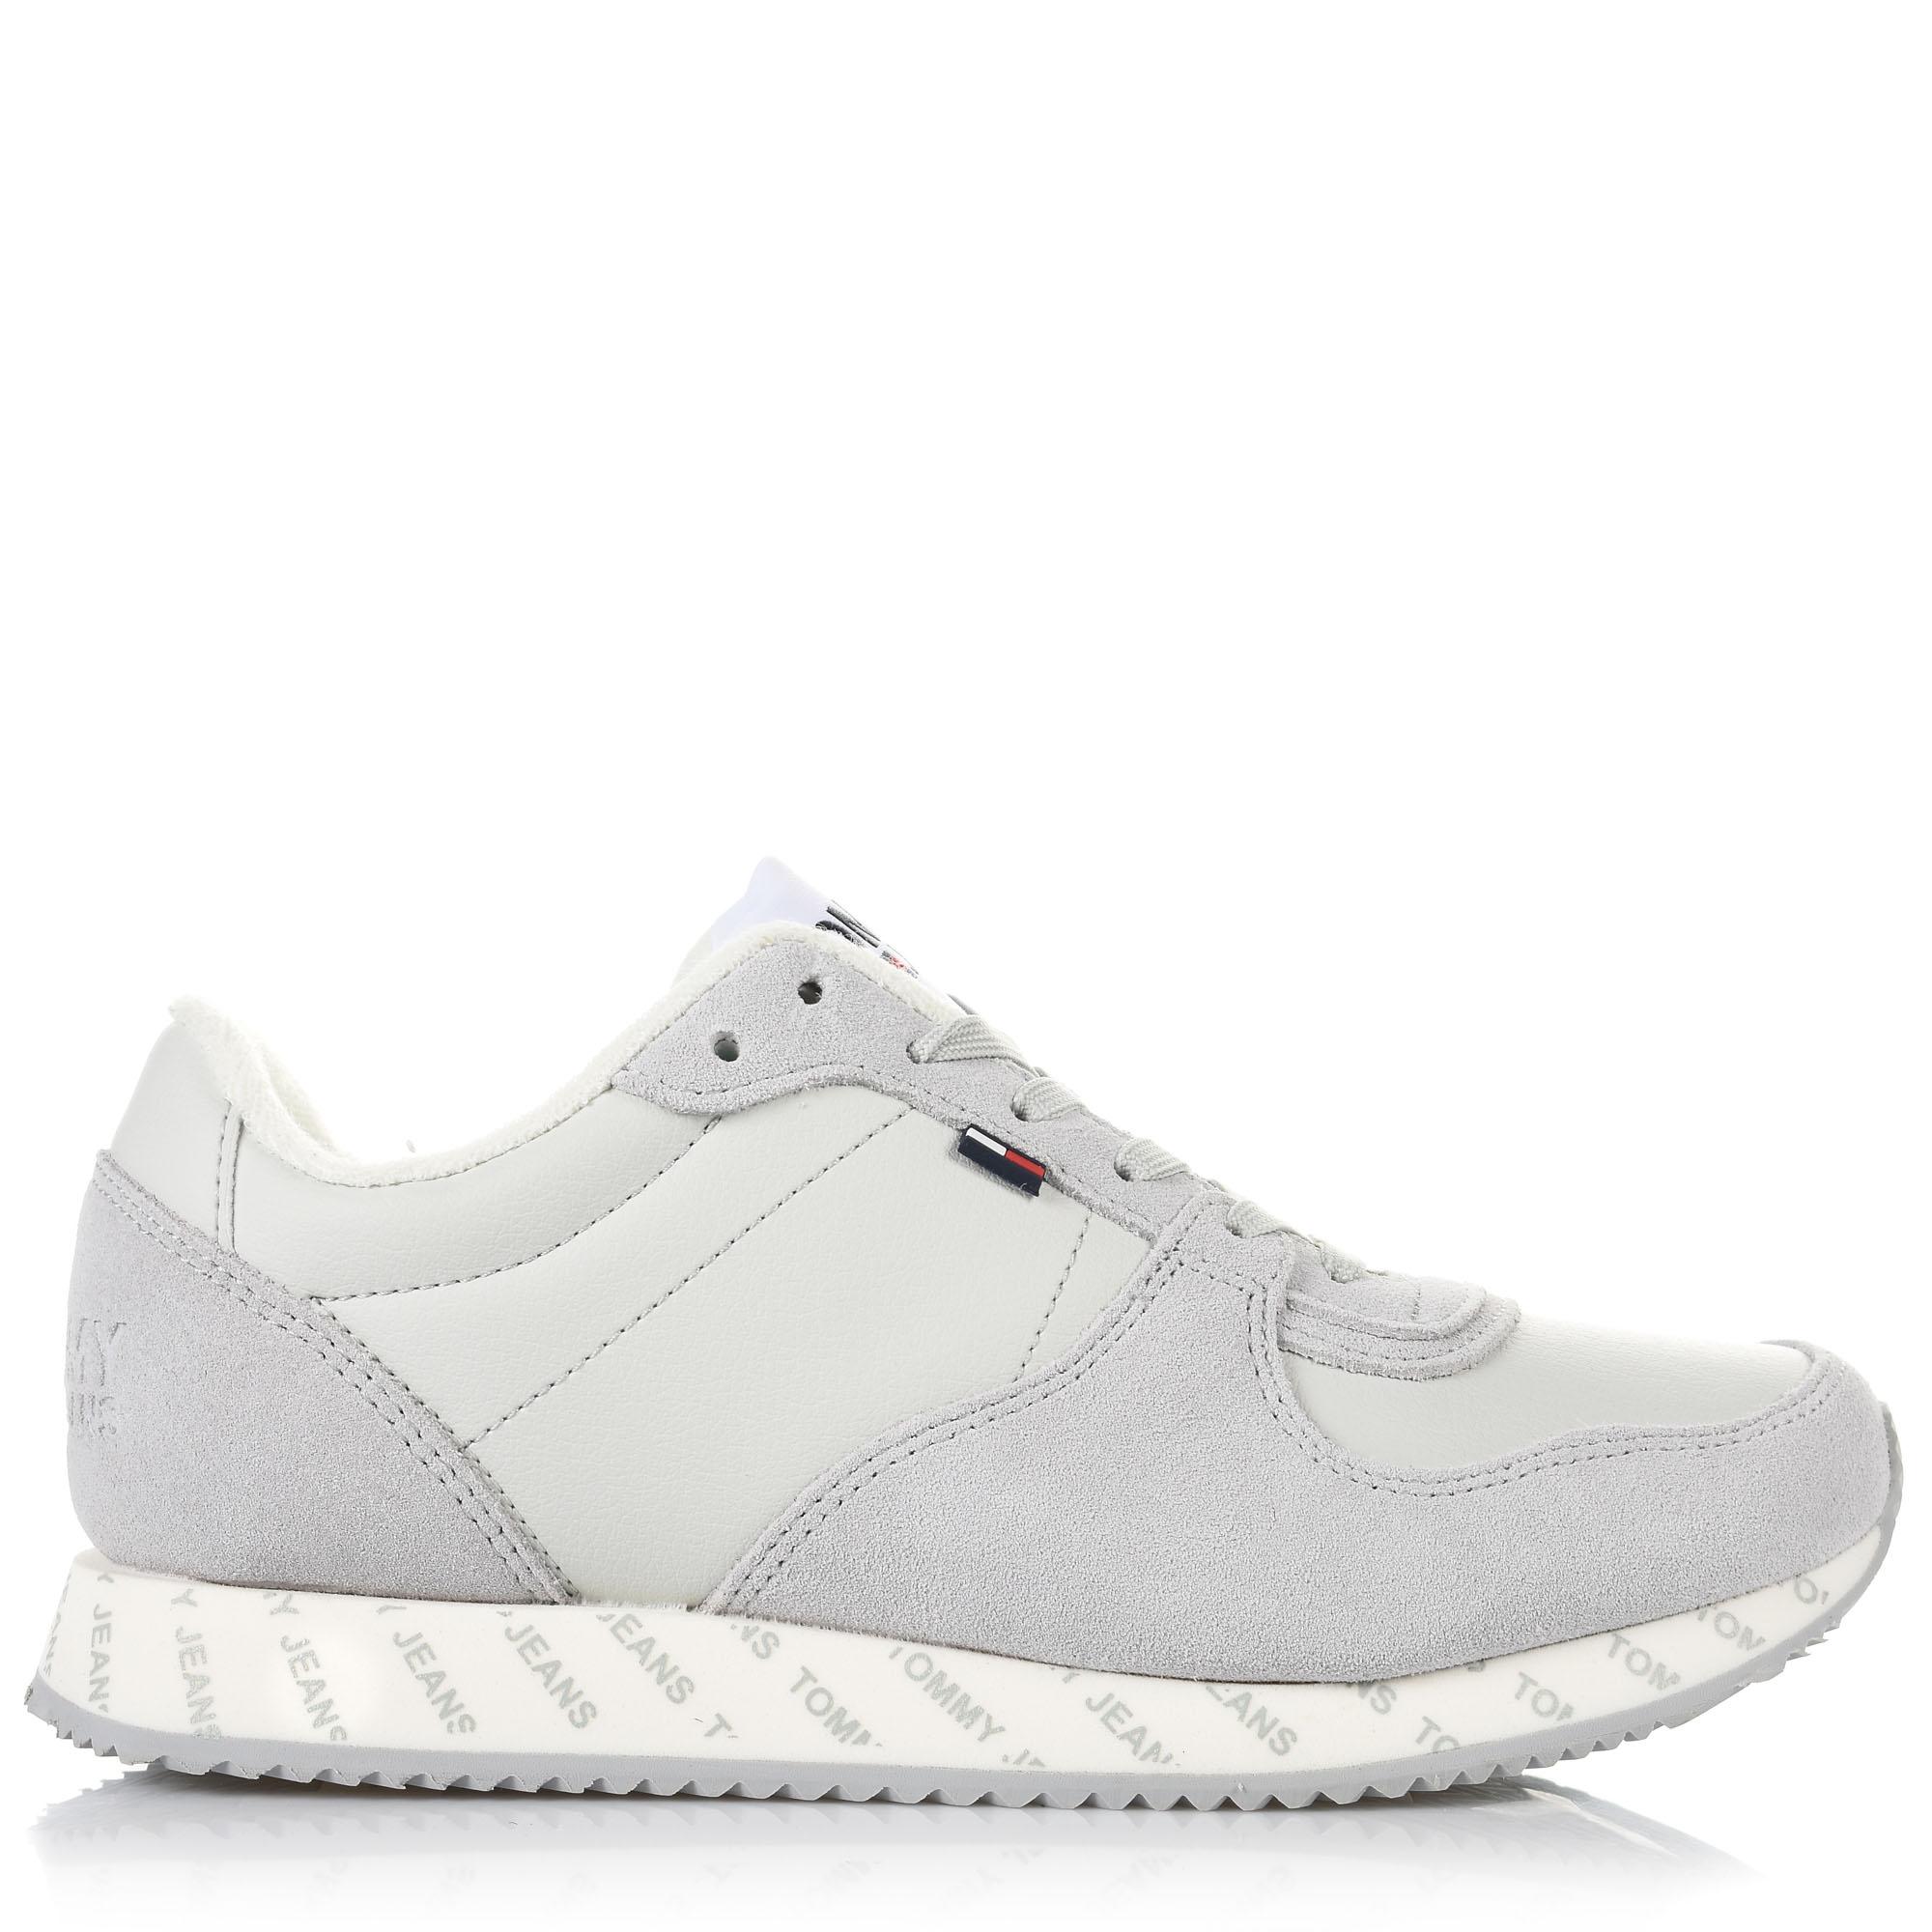 Δερμάτινα Sneakers Tommy Hilfiger Casual EN0EN00394 γυναικα   γυναικείο παπούτσι